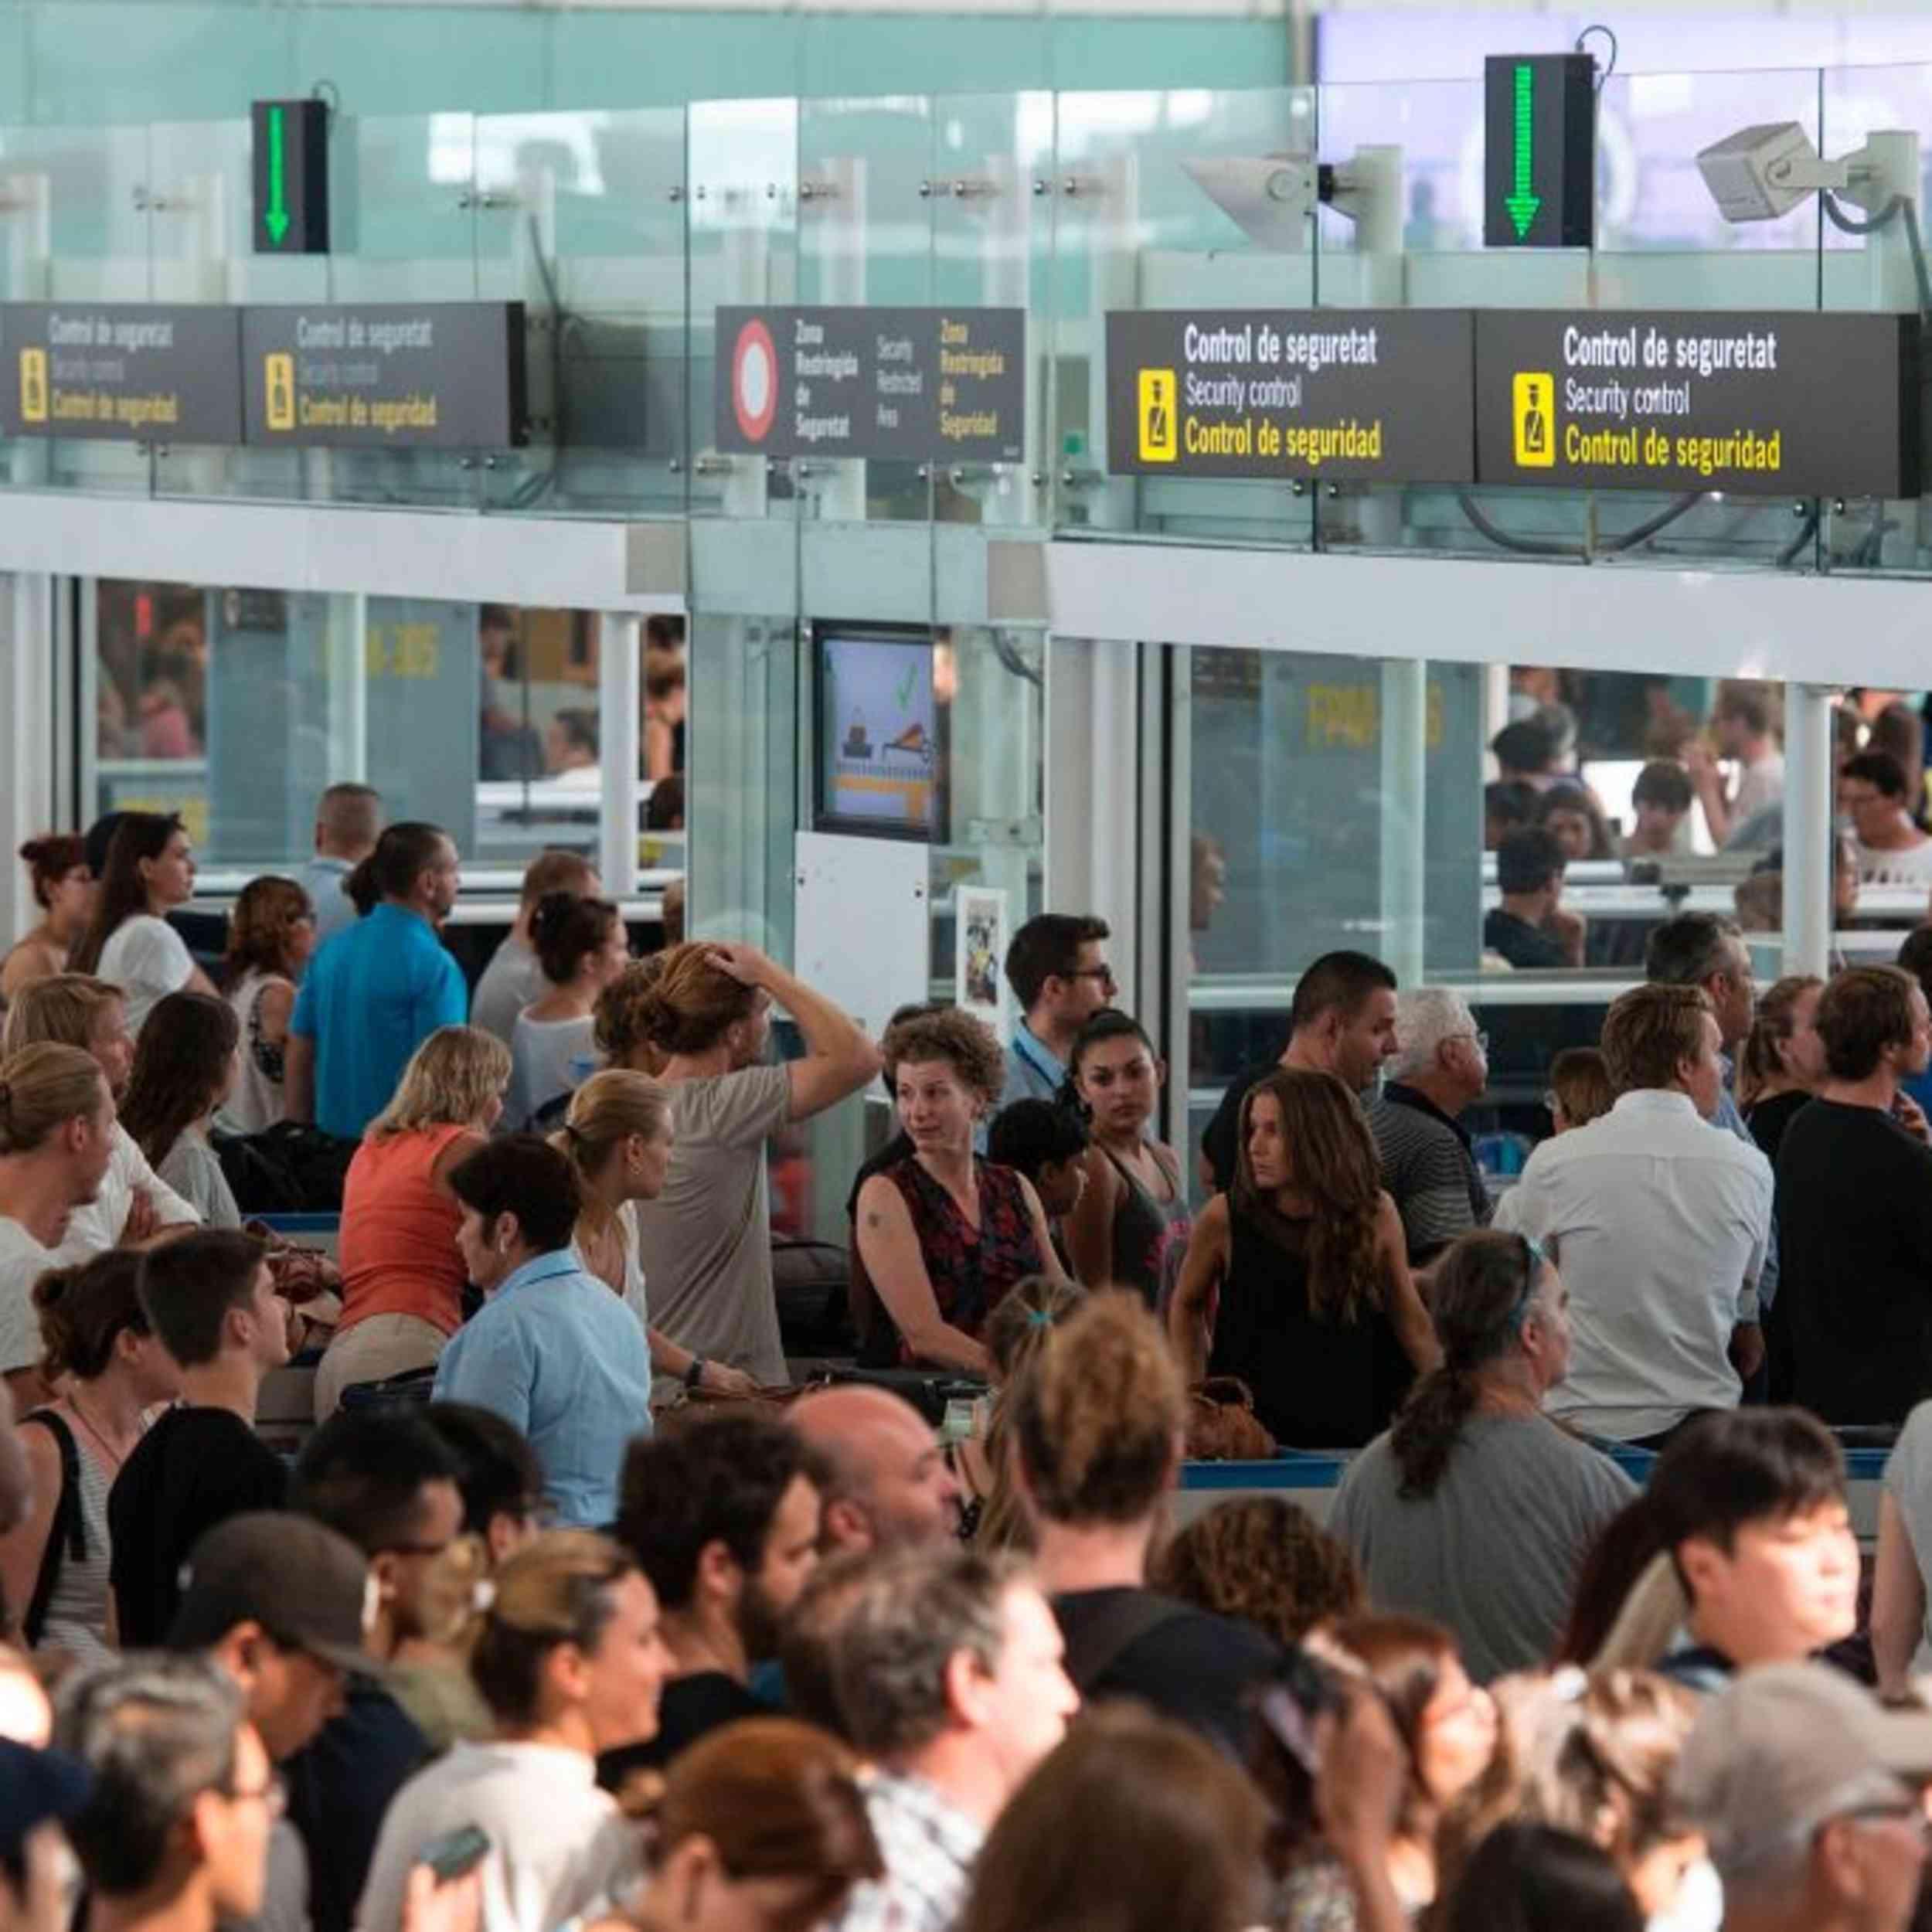 Gesichtserkennung ist unheimlich, verkürzt aber die Wartezeit am Flughafen   WIRED Germany